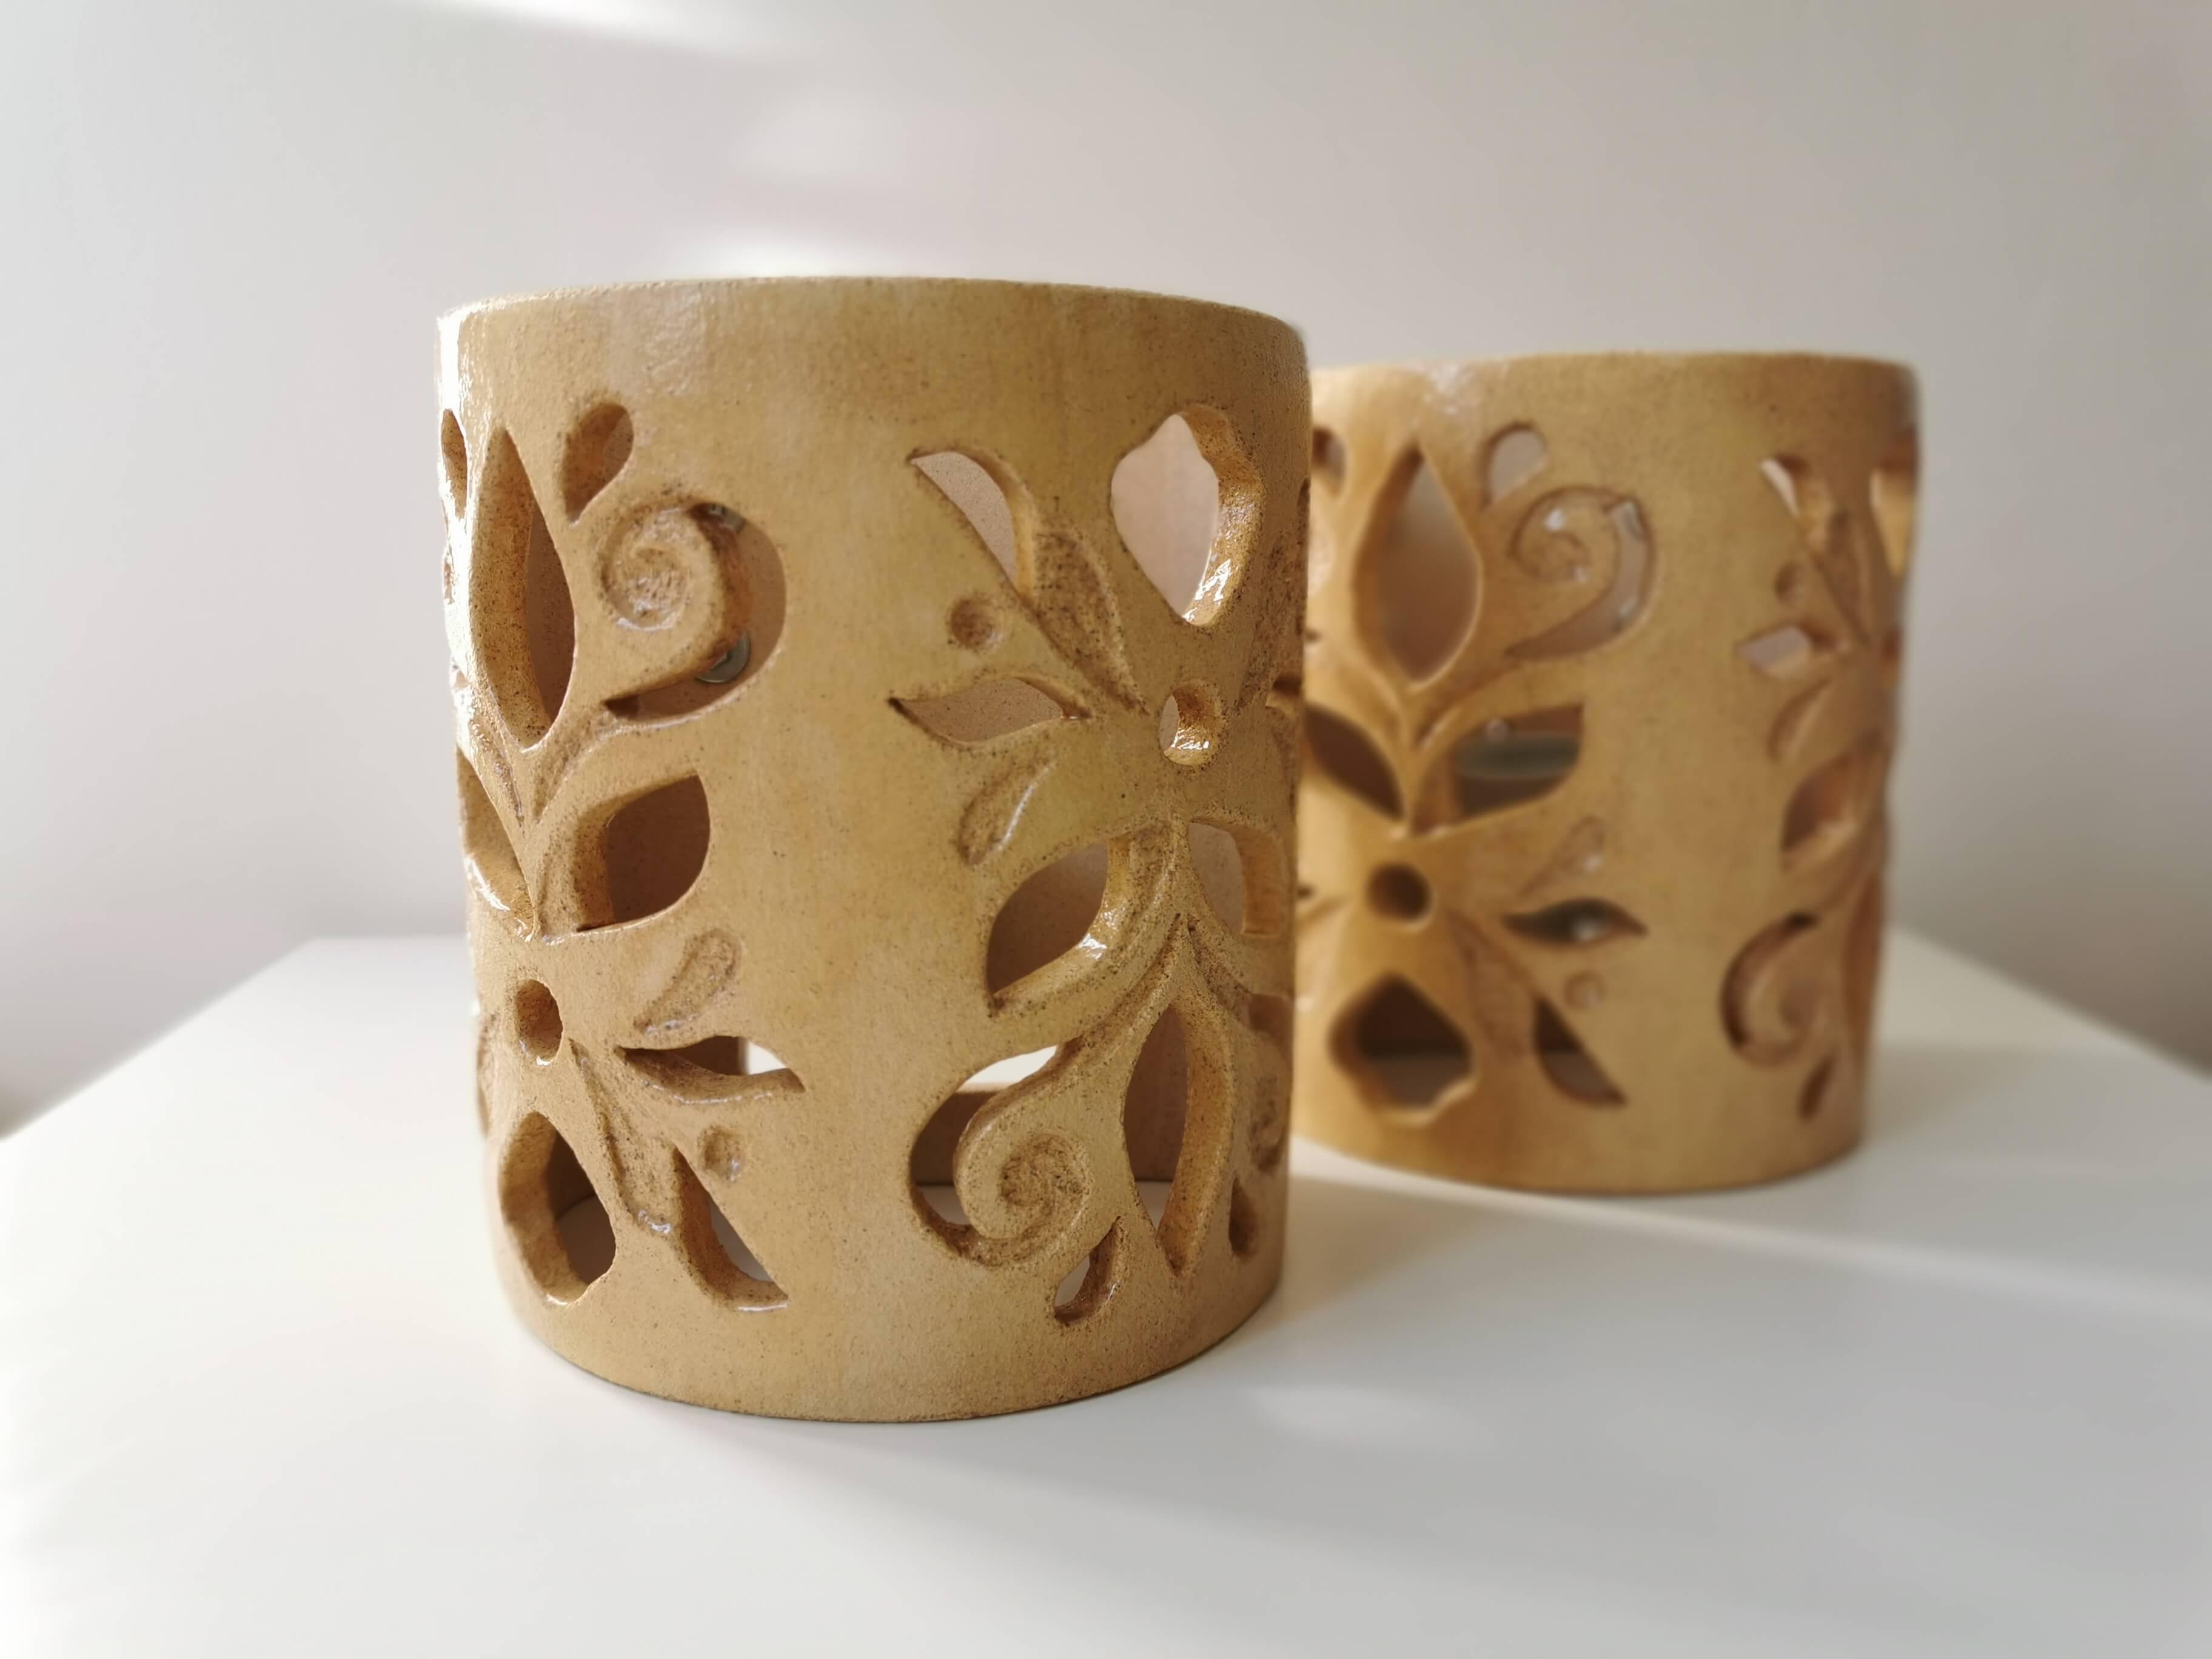 eweolo-lampa-kinkiet-scienny-ceramika-rekodzielo